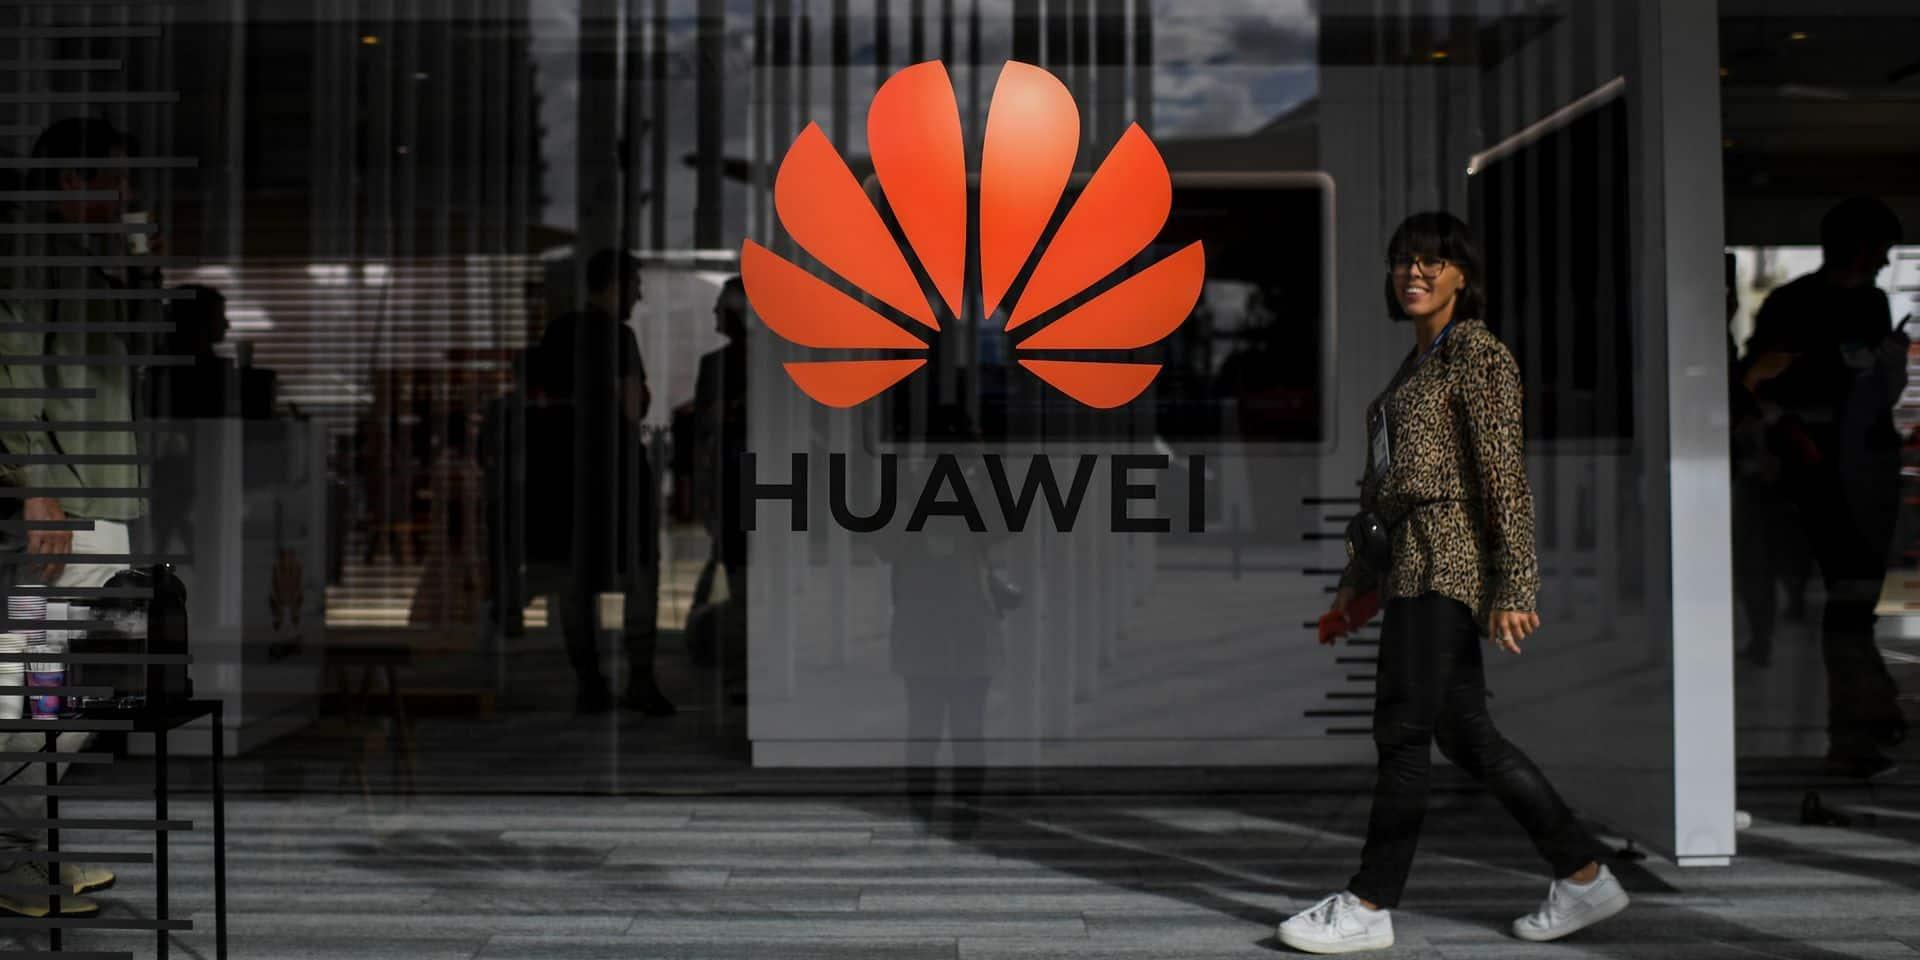 Huawei va délocaliser un centre de recherche des Etats-Unis vers le Canada à cause des soupçons d'espionnage